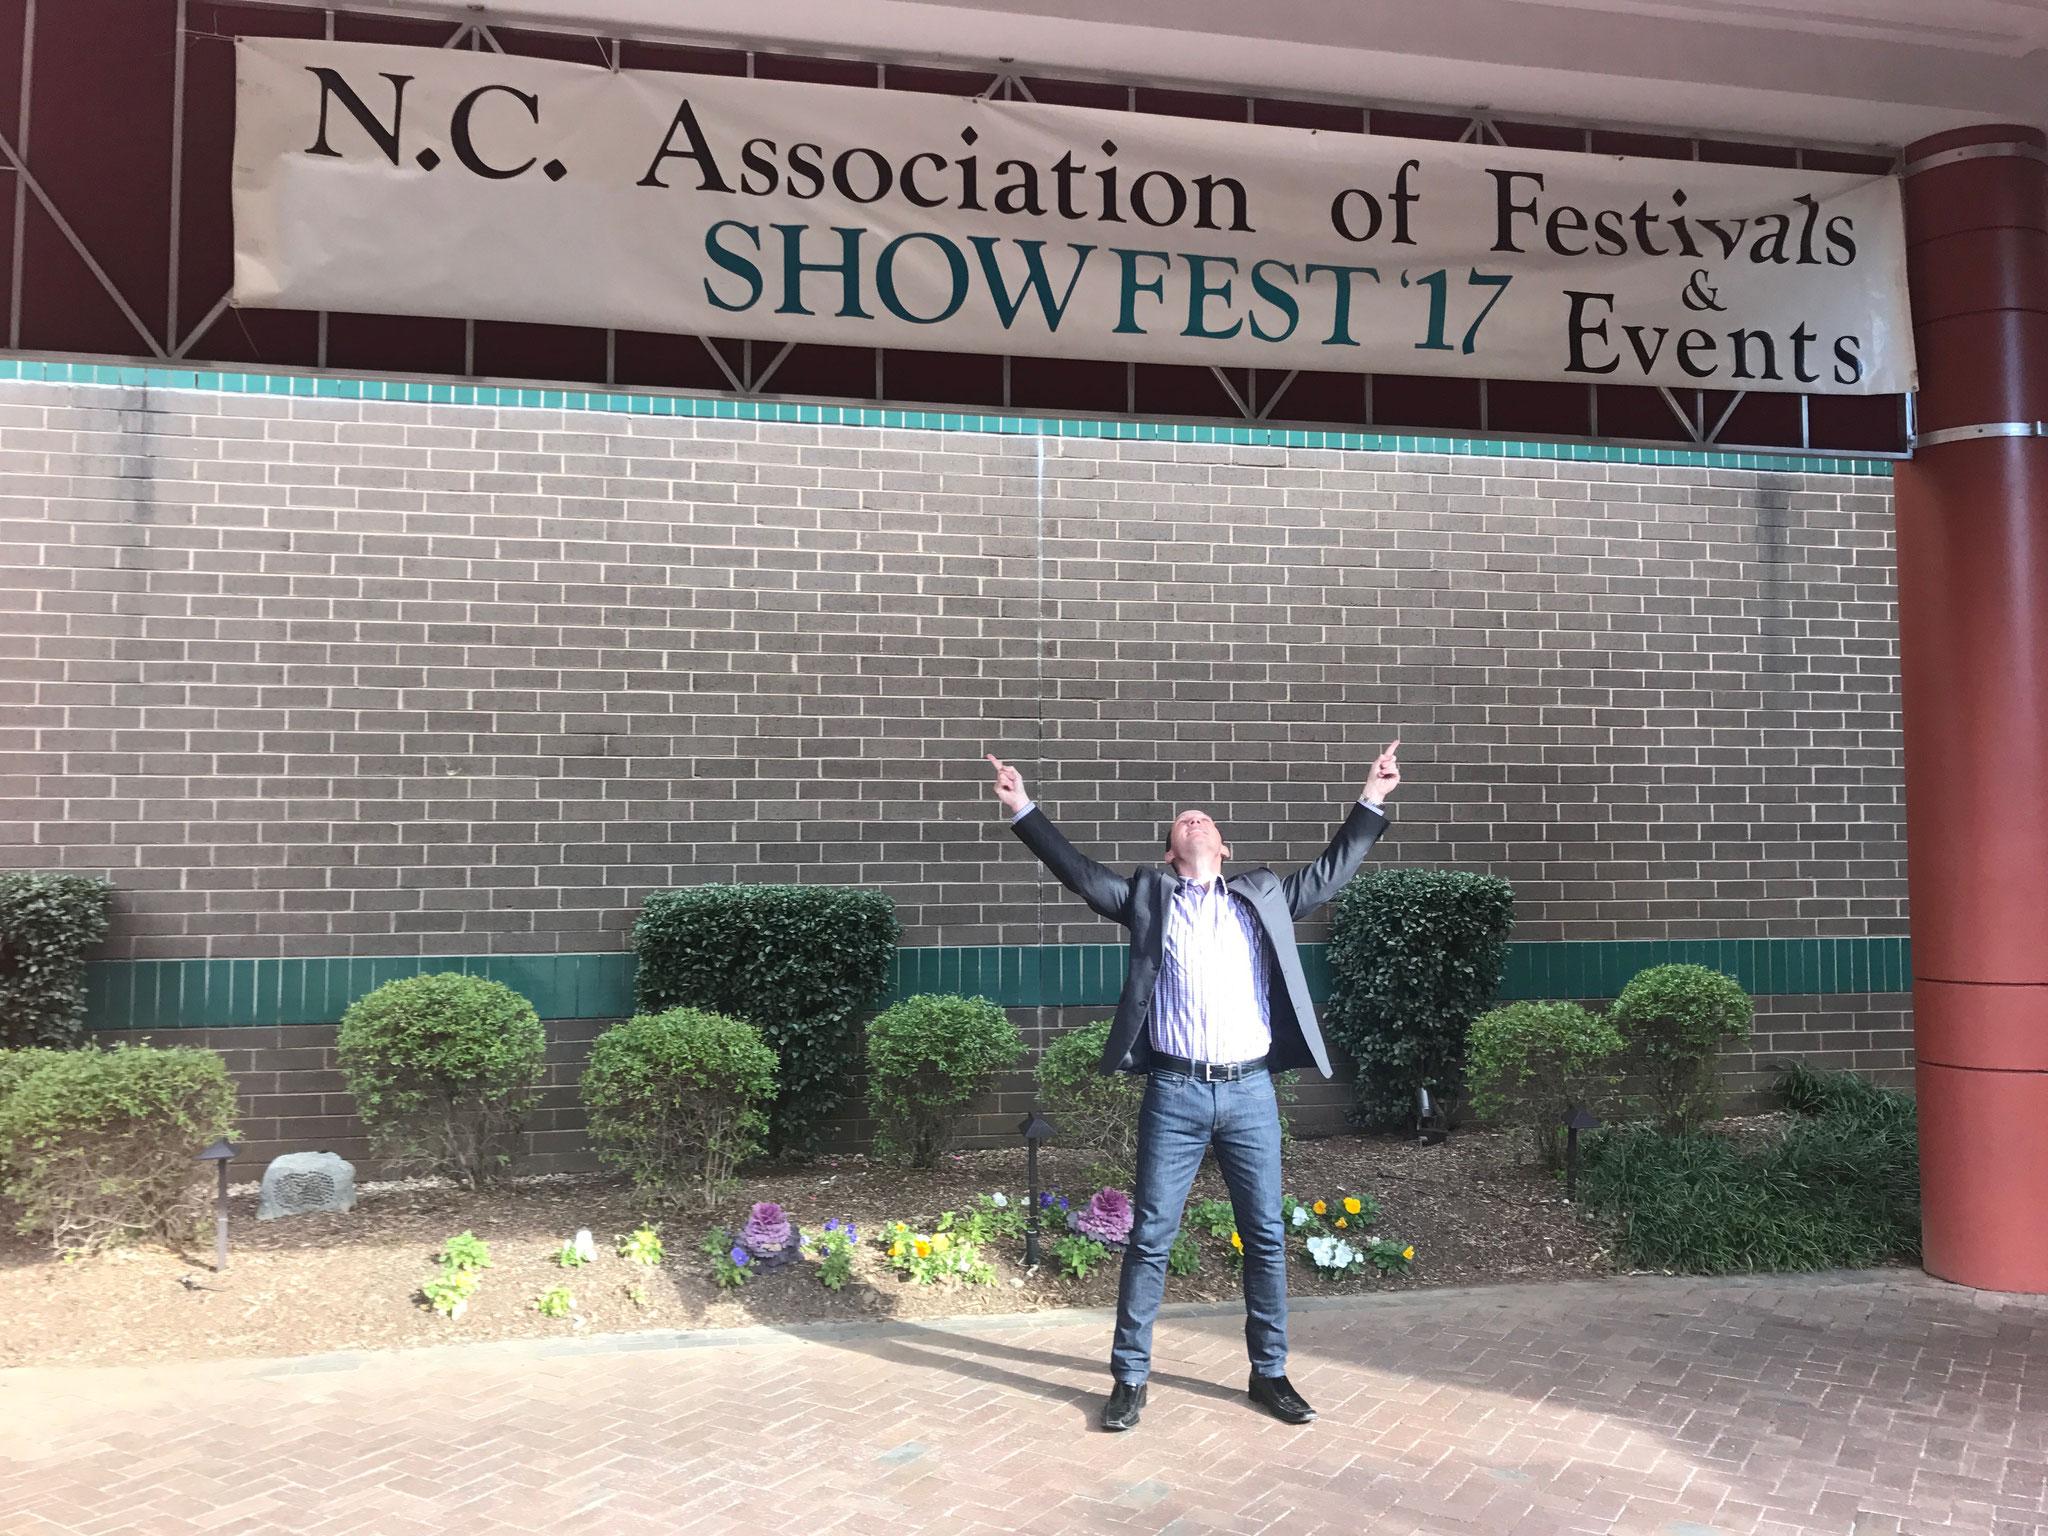 Speaker, Dr. Kevin Snyder, attending the N.C. Association of Festivals & Events  SHOWFEST '17